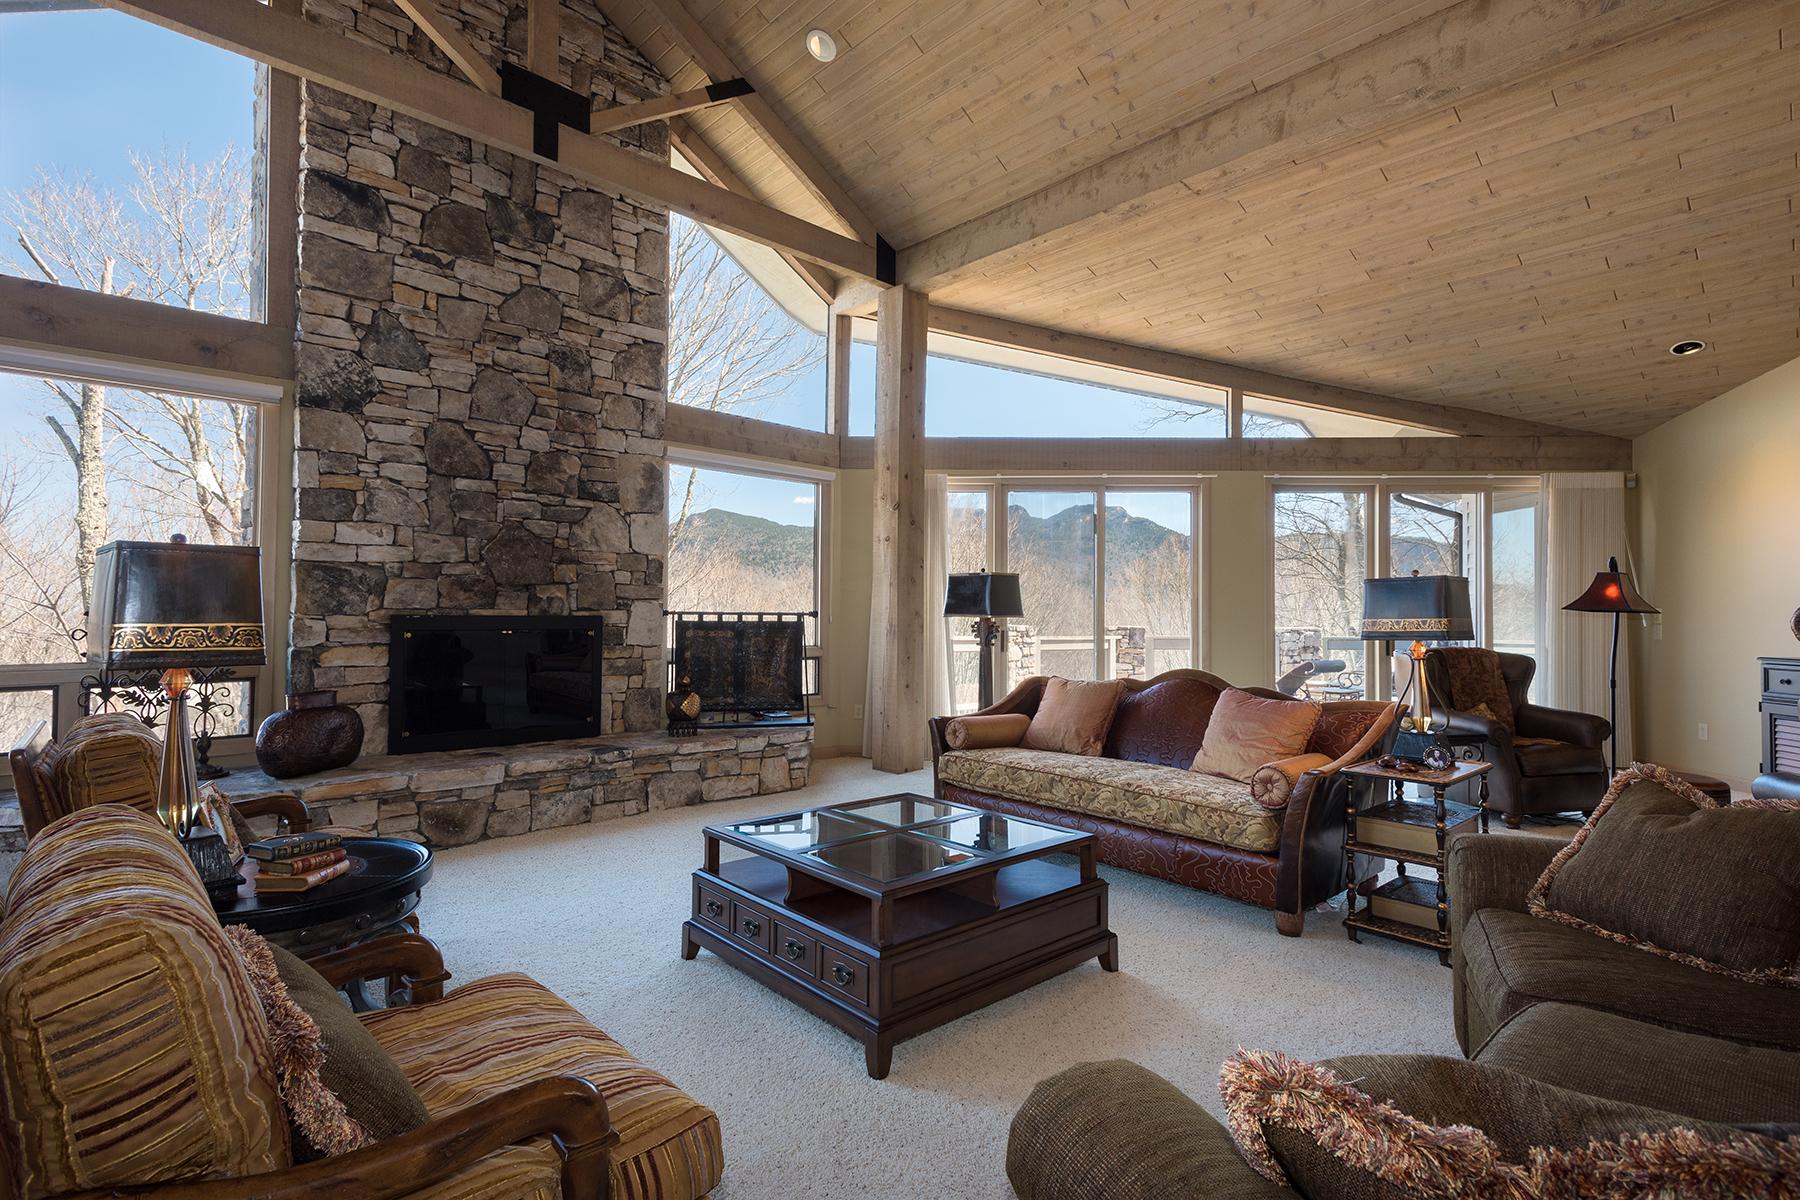 独户住宅 为 销售 在 LINVILLE - LINVILLE RIDGE 1029 Ridge Drive 林维尔, 北卡罗来纳州, 28646 美国